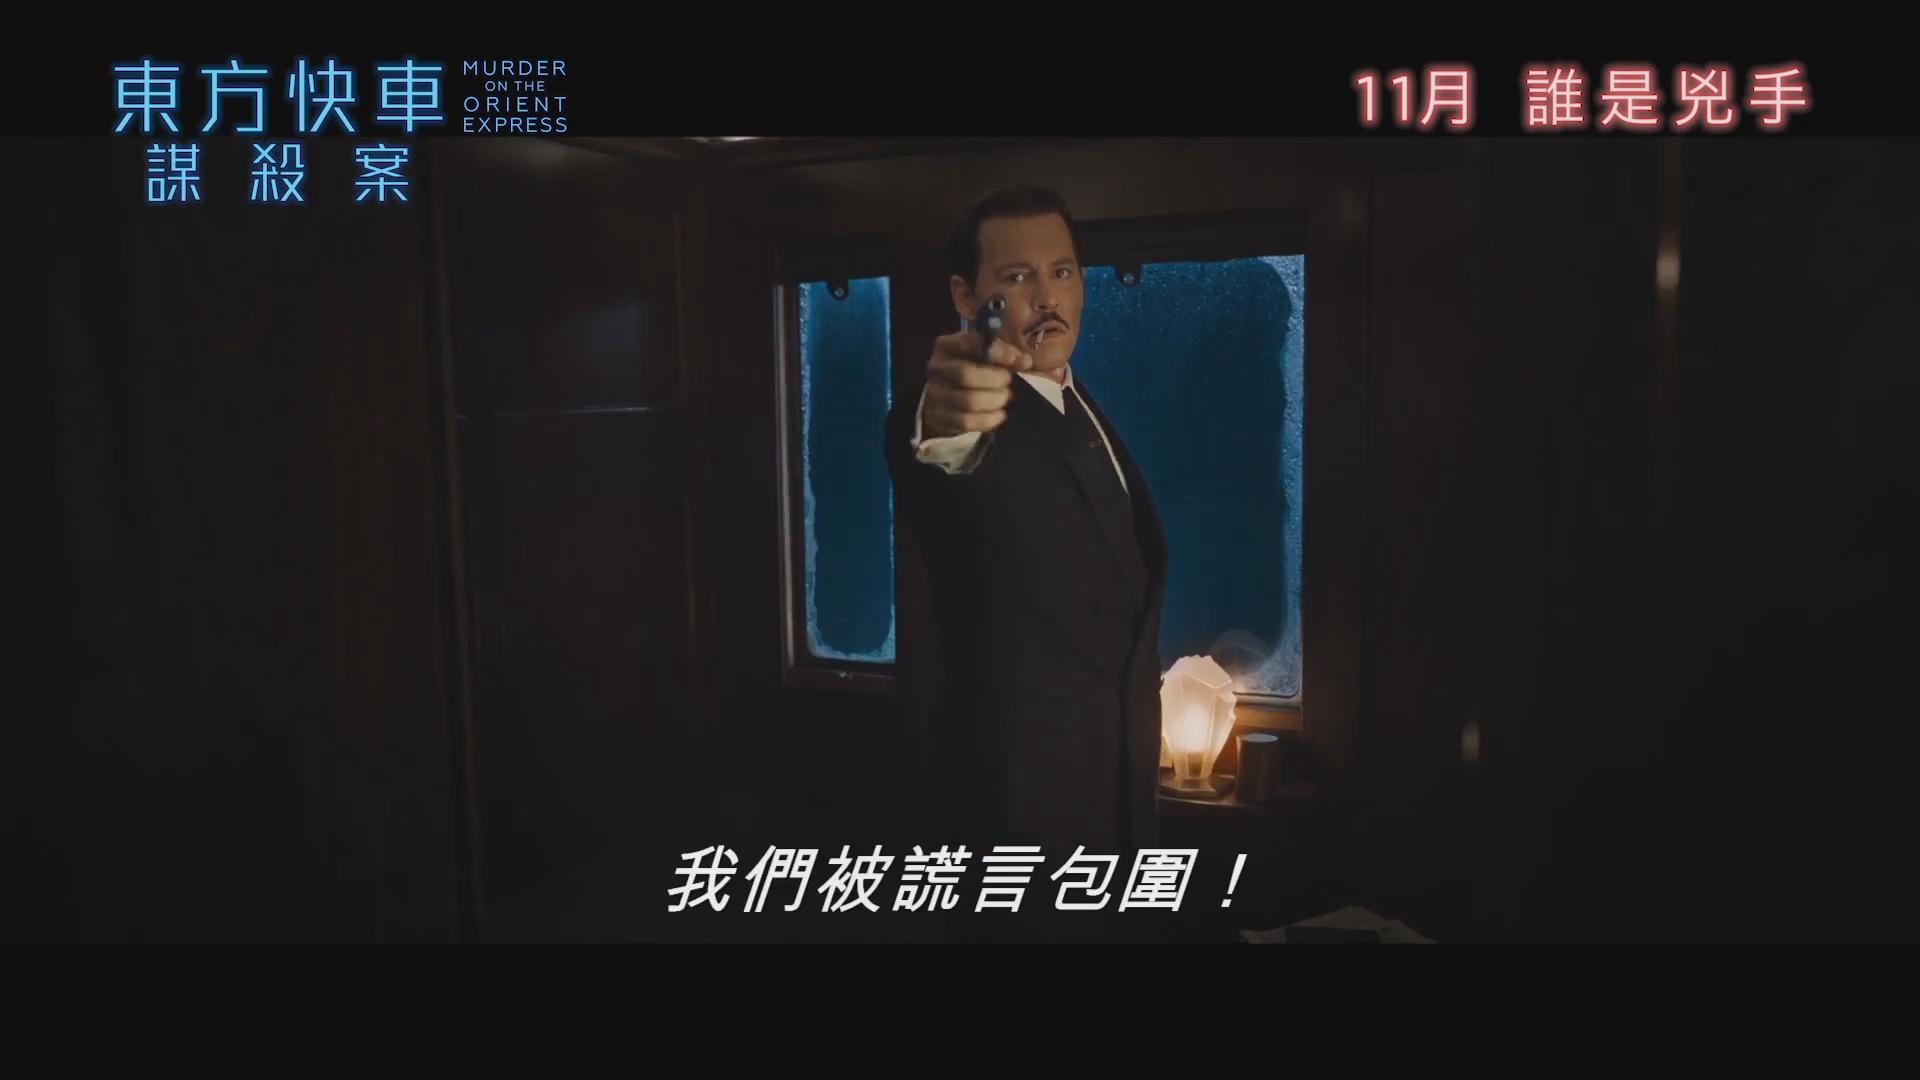 经典翻拍,众星云集,新版《东方快车谋杀案》港版第二支中文预告